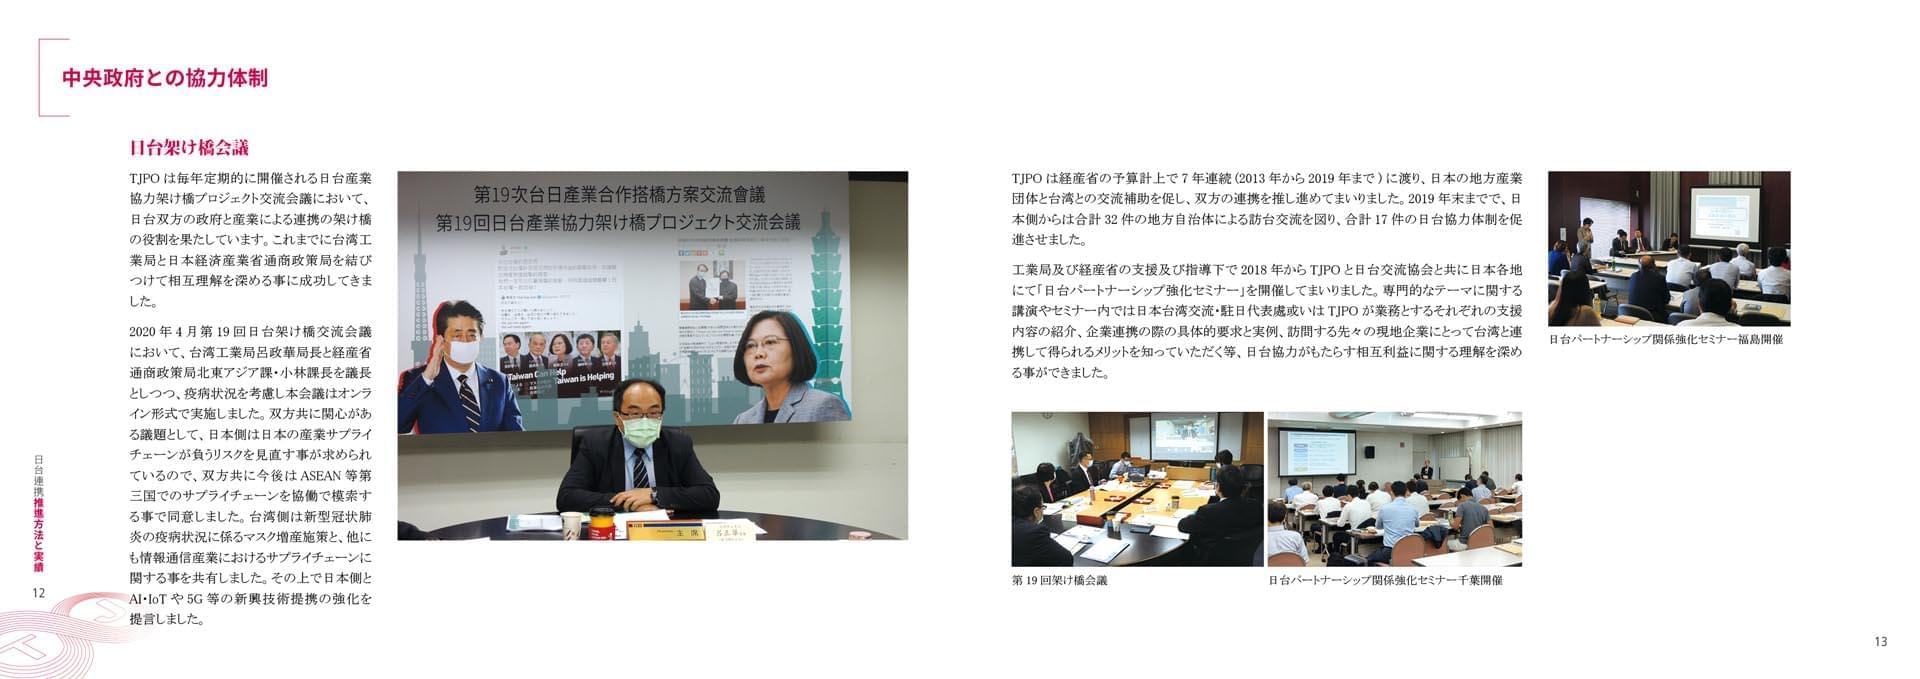 台日型錄-日文版60頁-第二次修改07029